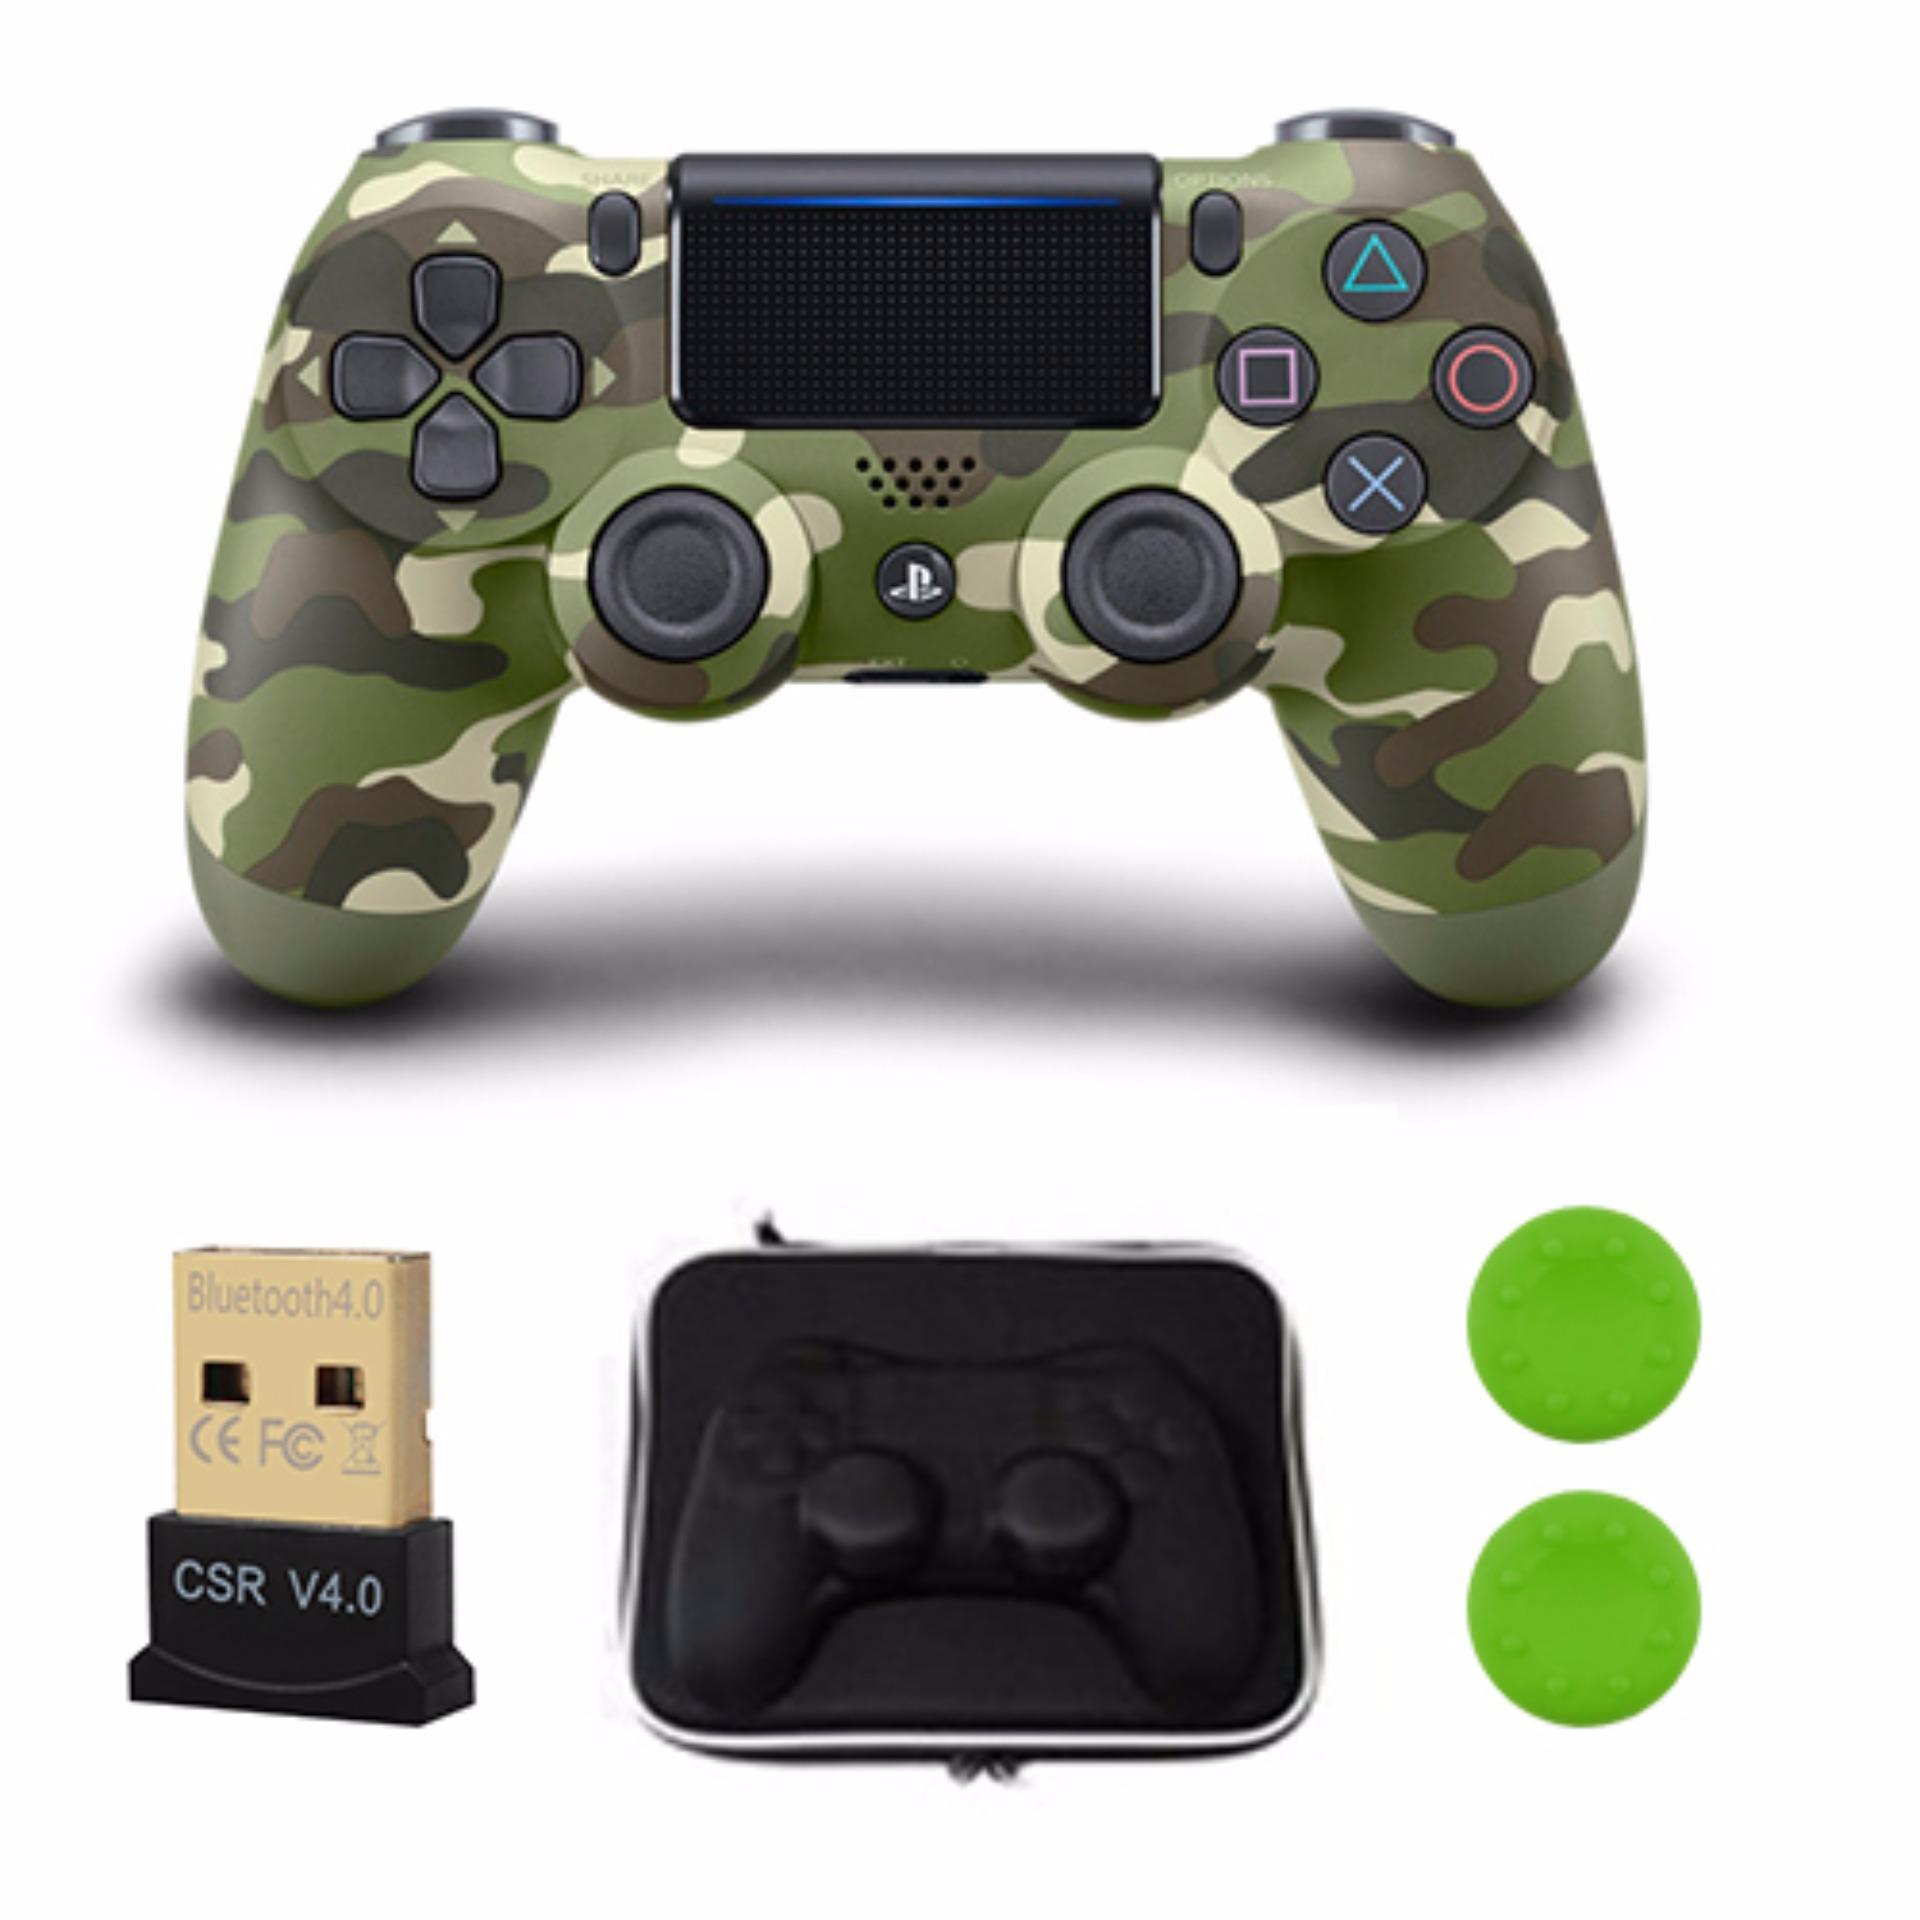 Bộ 1 tay cầm chơi game PS4 Dualshock 4 (2016 ) Controller + 1 USB Mini Bluetooth 4.0 dùng cho...